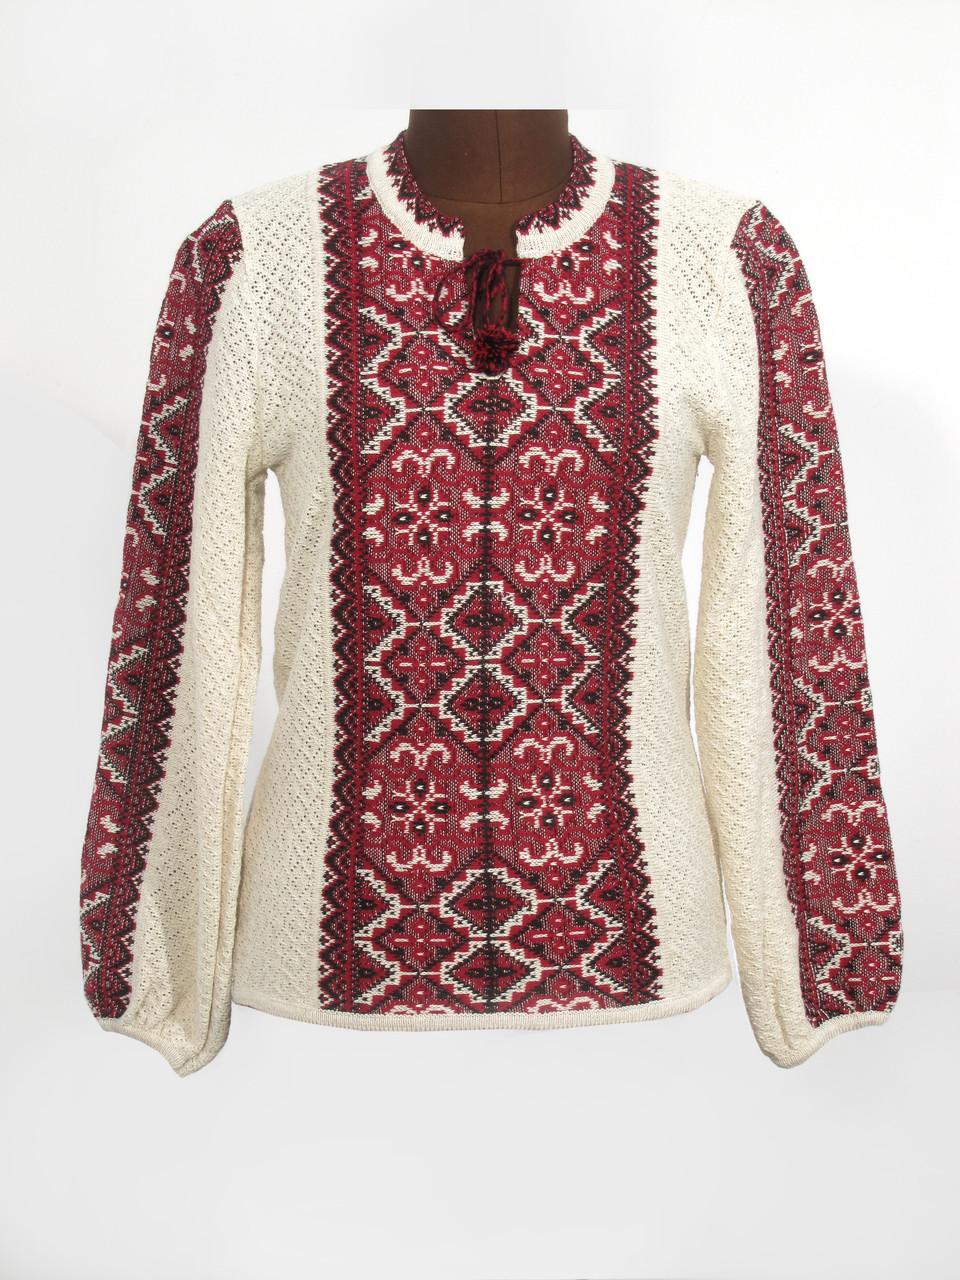 Женская рубашка вязаная Влада красная